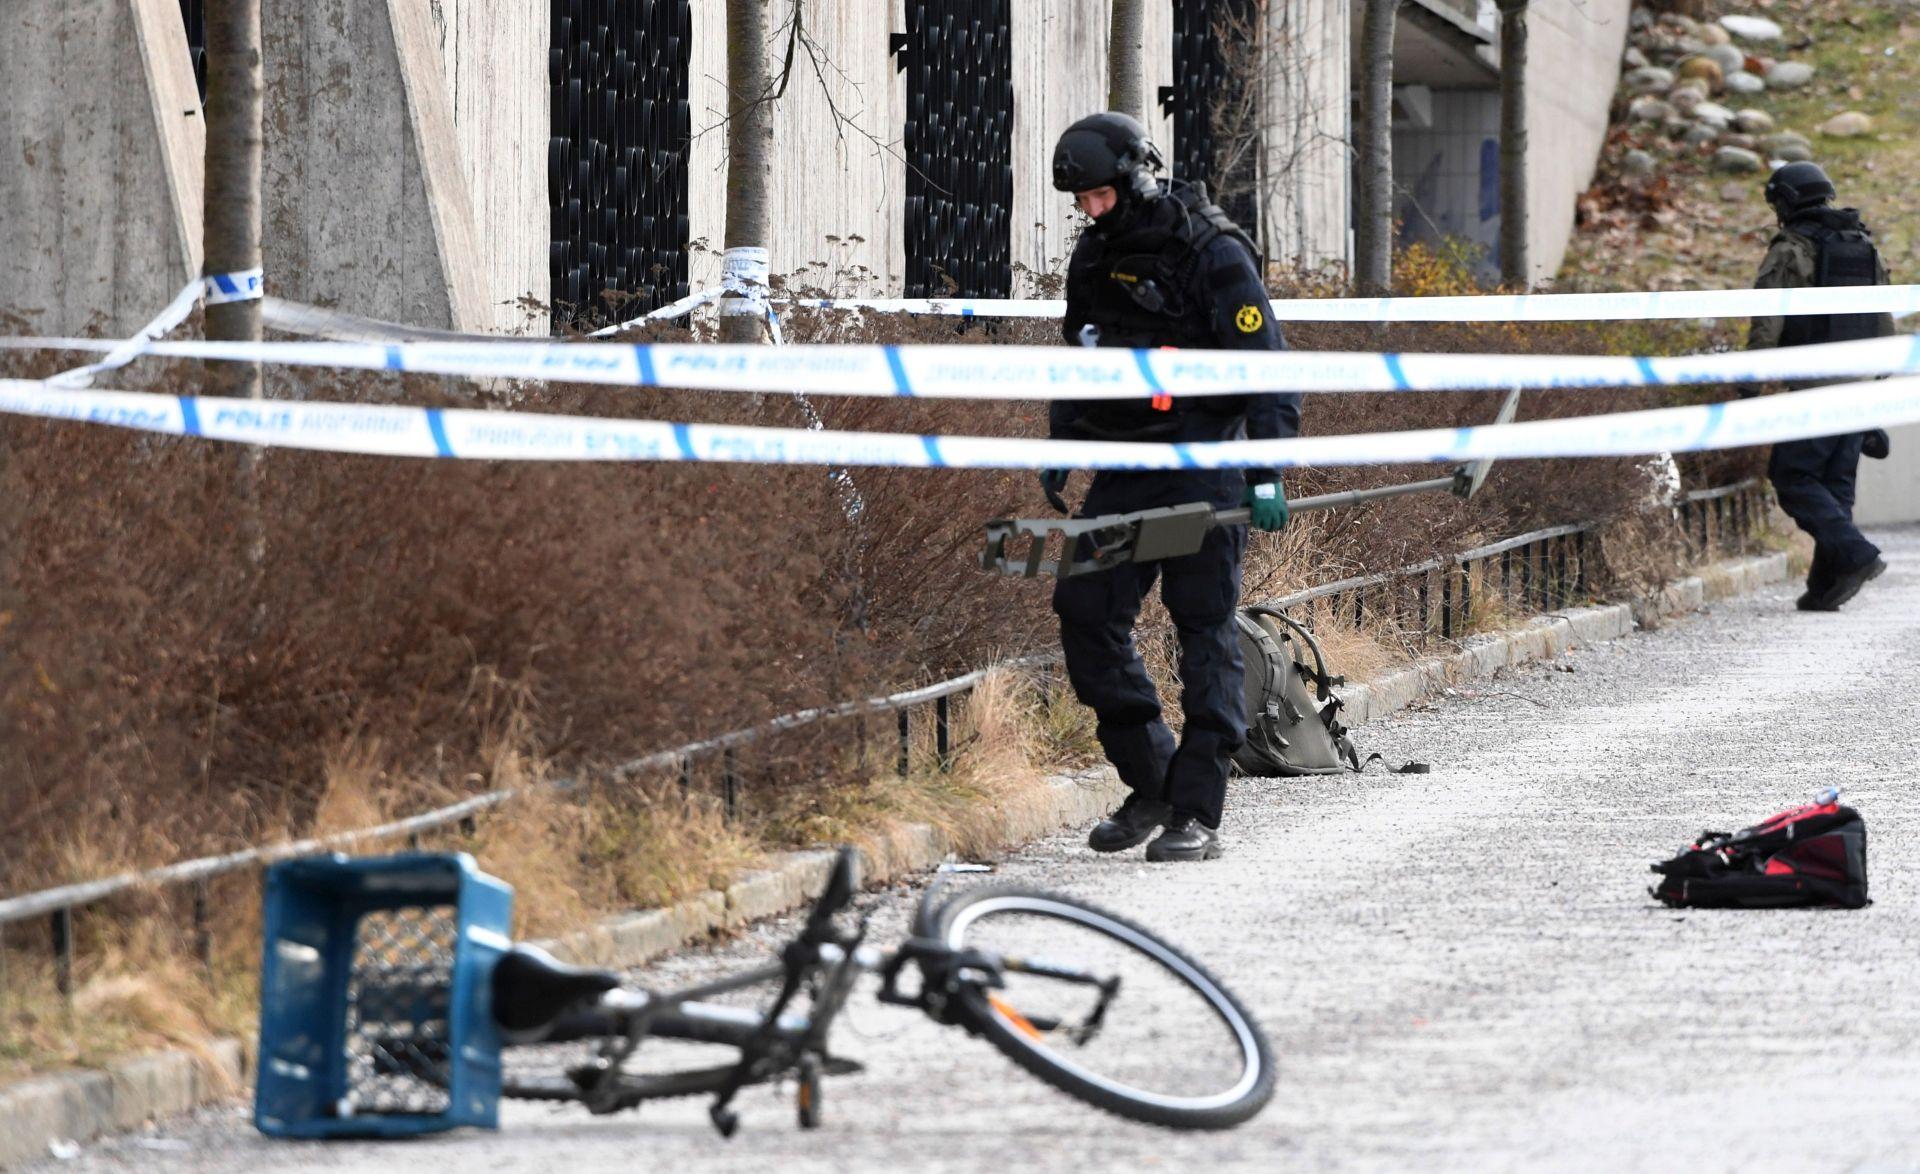 STOCKHOLM Dvoje ozlijeđenih u eksploziji